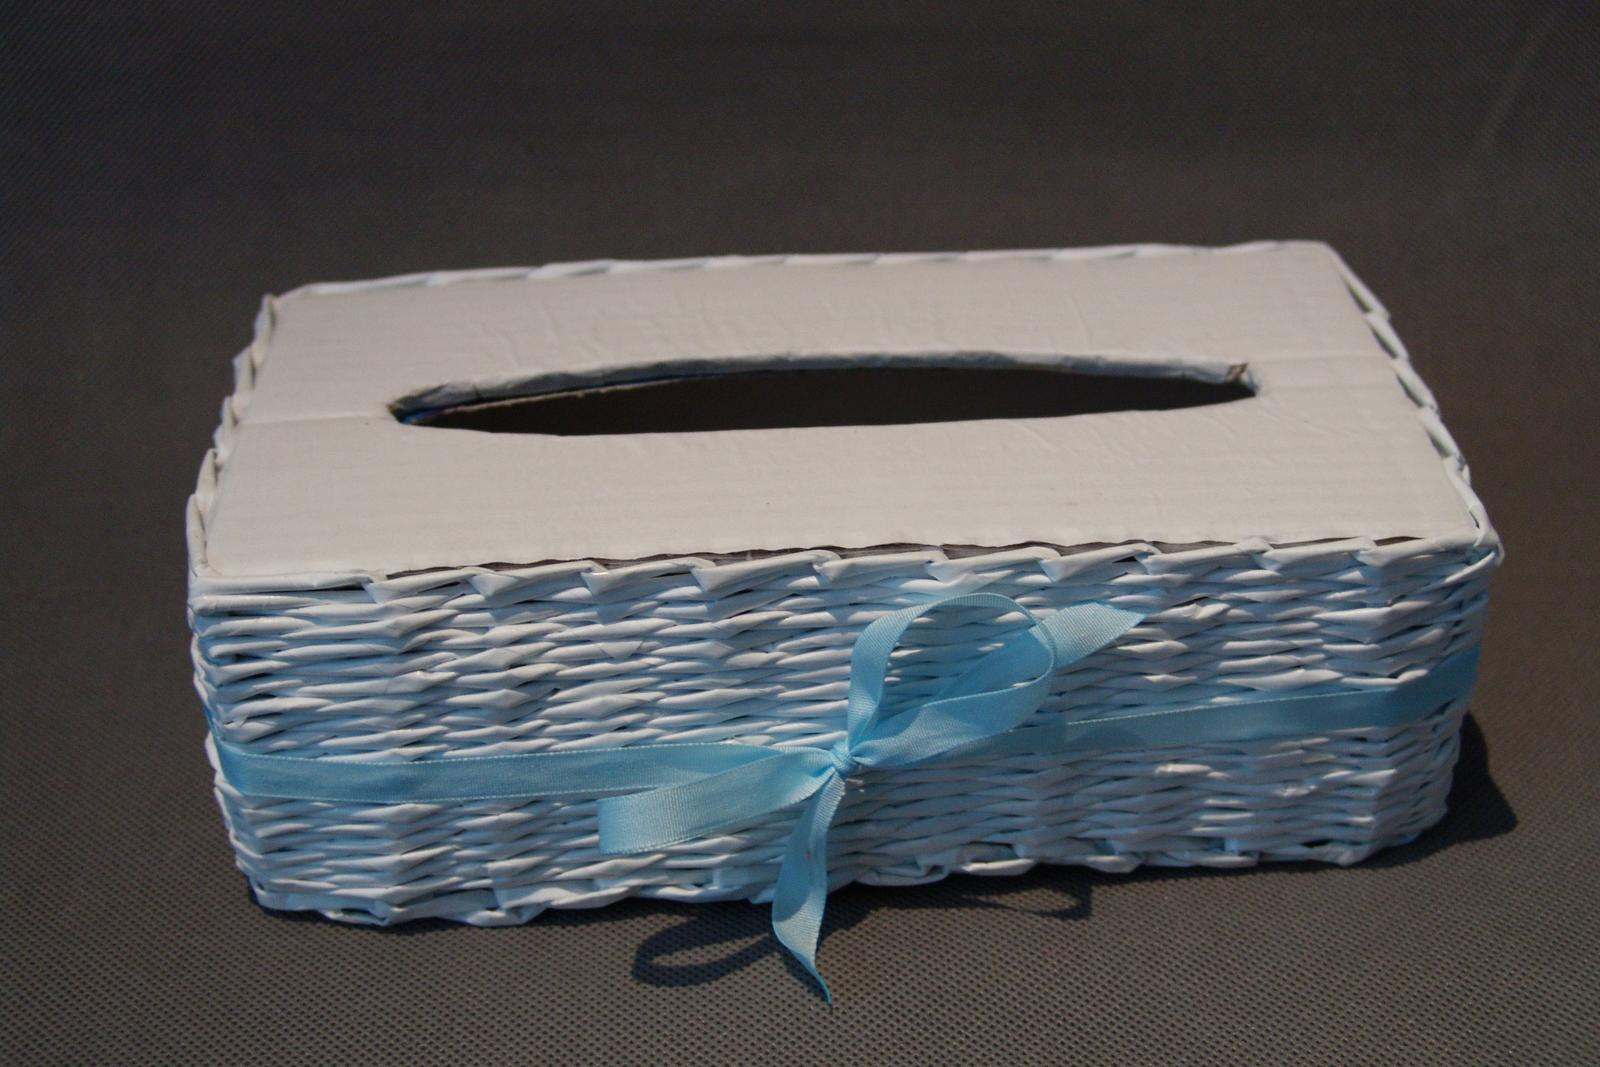 Pokladnička, krabička na ubrousky - Obrázek č. 1